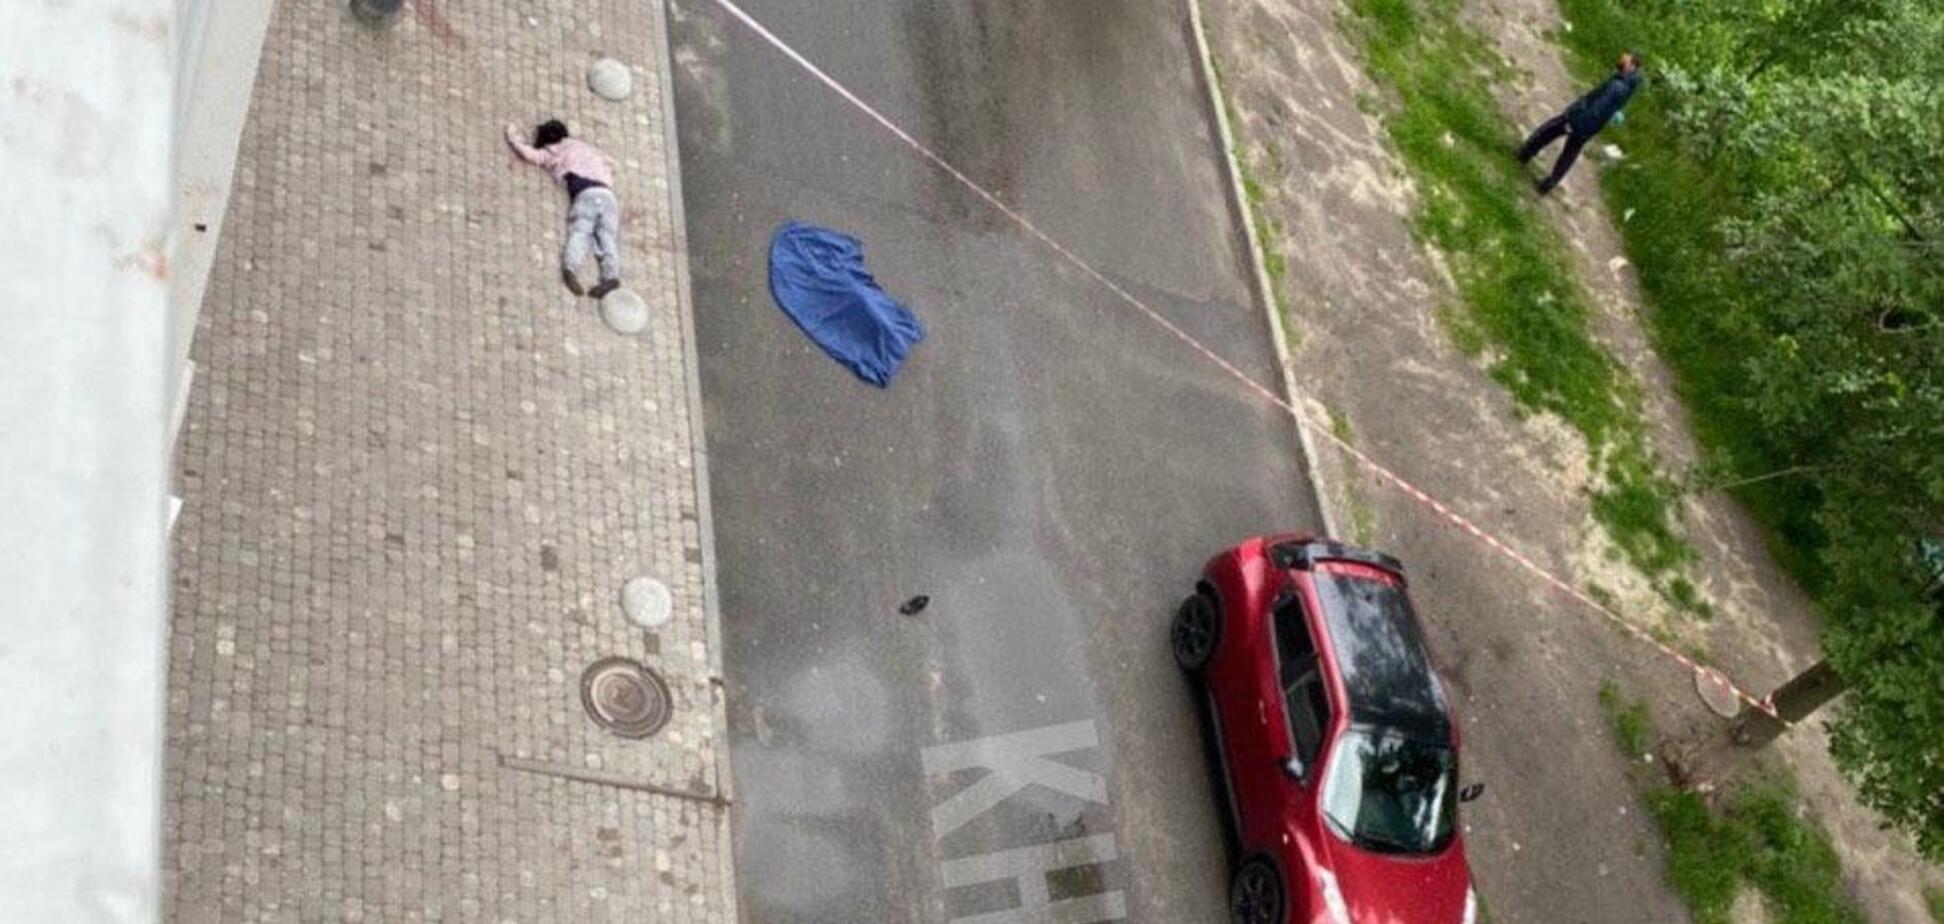 В Харькове мать с ребенком упали с 16-го этажа и разбились. Фото 18+ и новые подробности